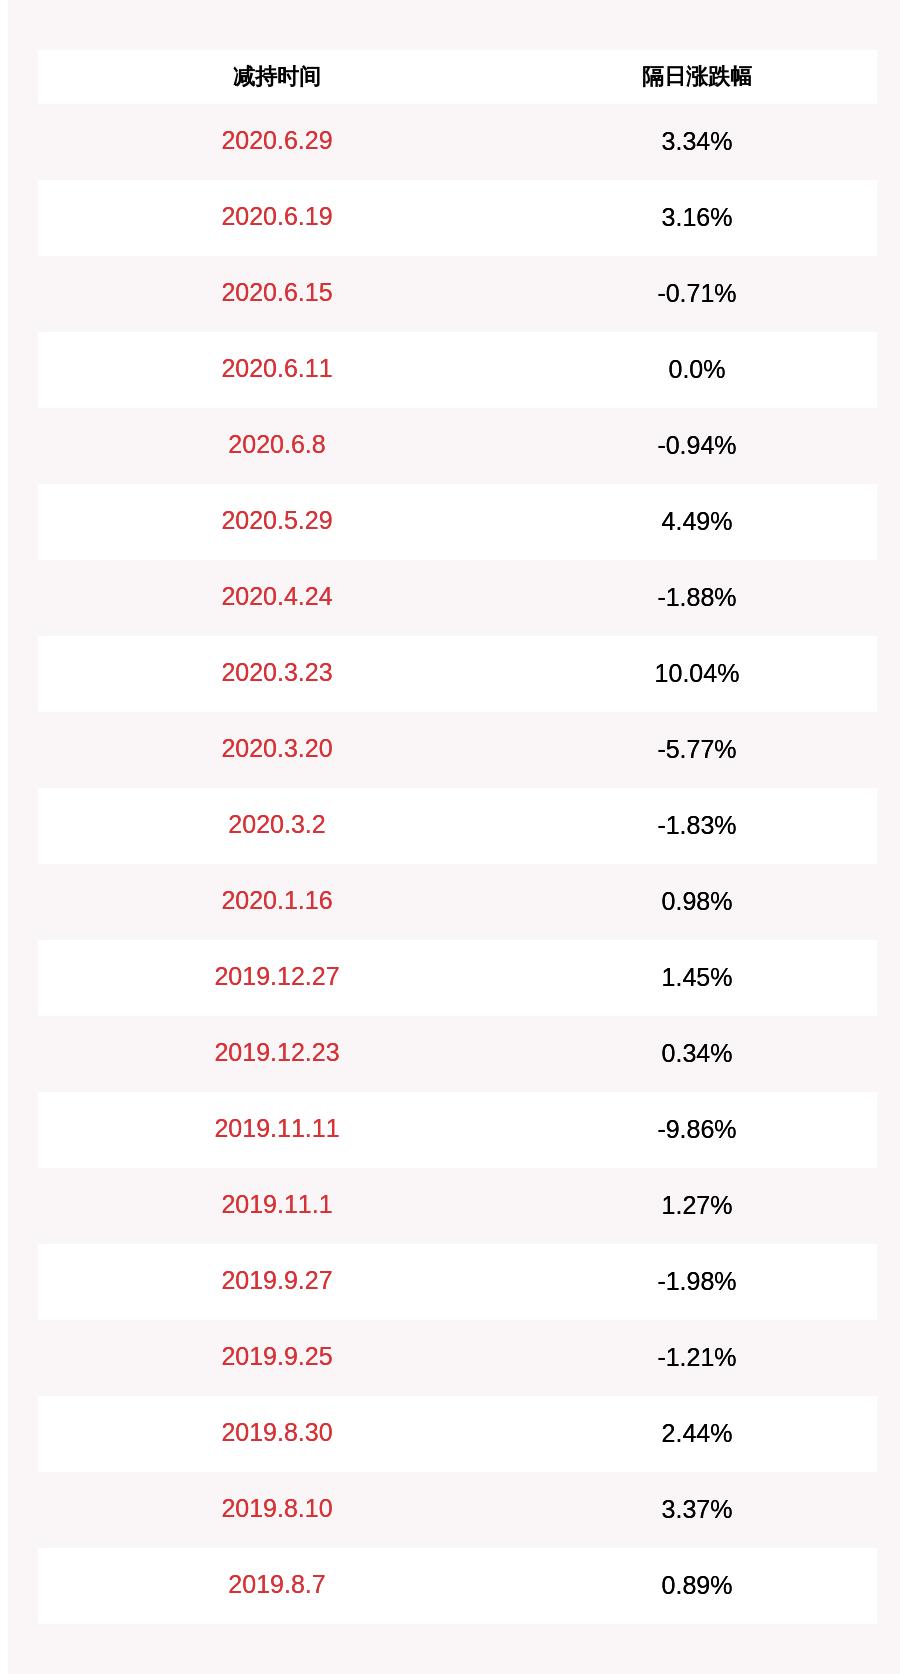 减持数量过半!万兴科技:原持股5%以上股东减持约179万股